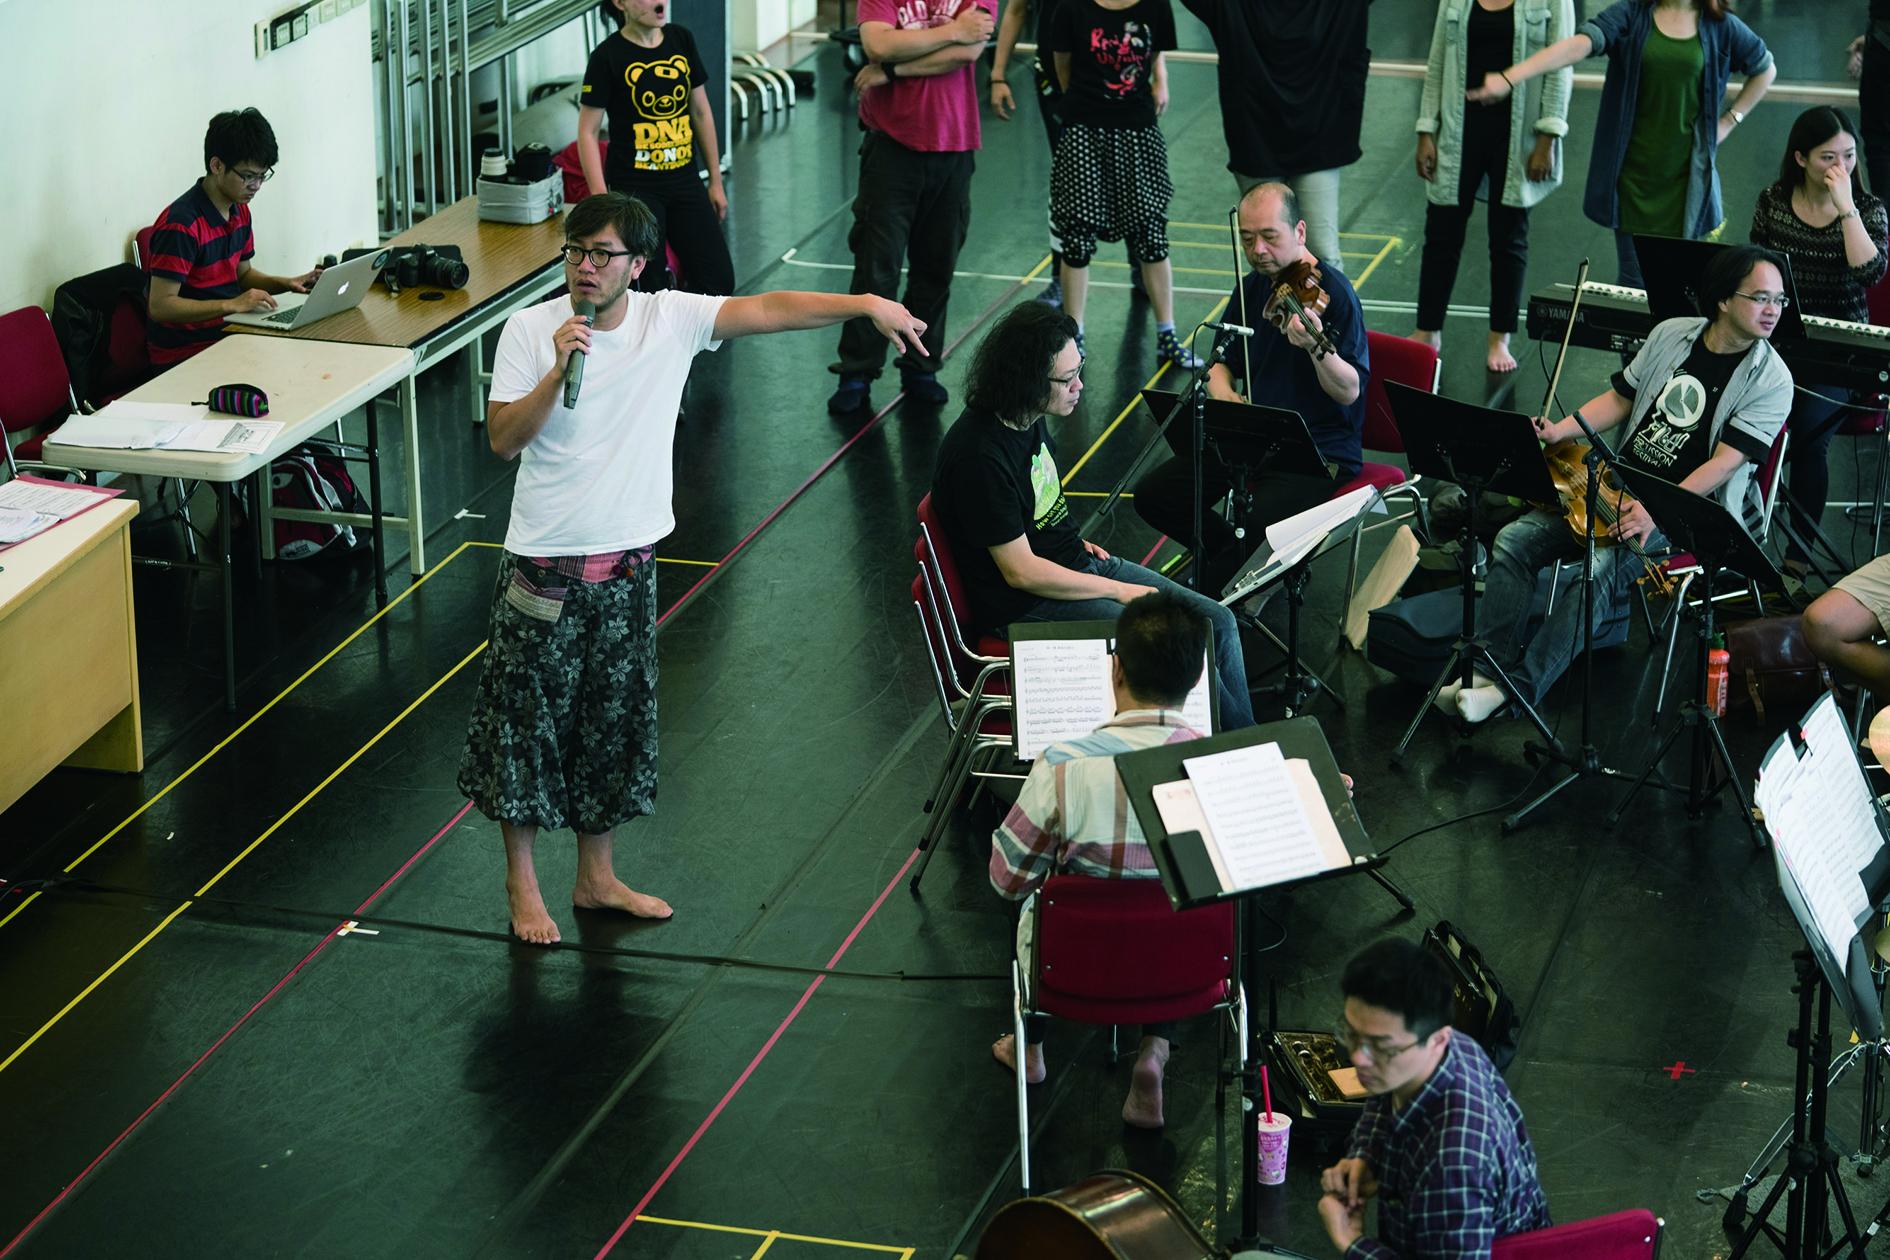 導演曾慧誠排練場和樂團溝通音樂展演形式.jpg